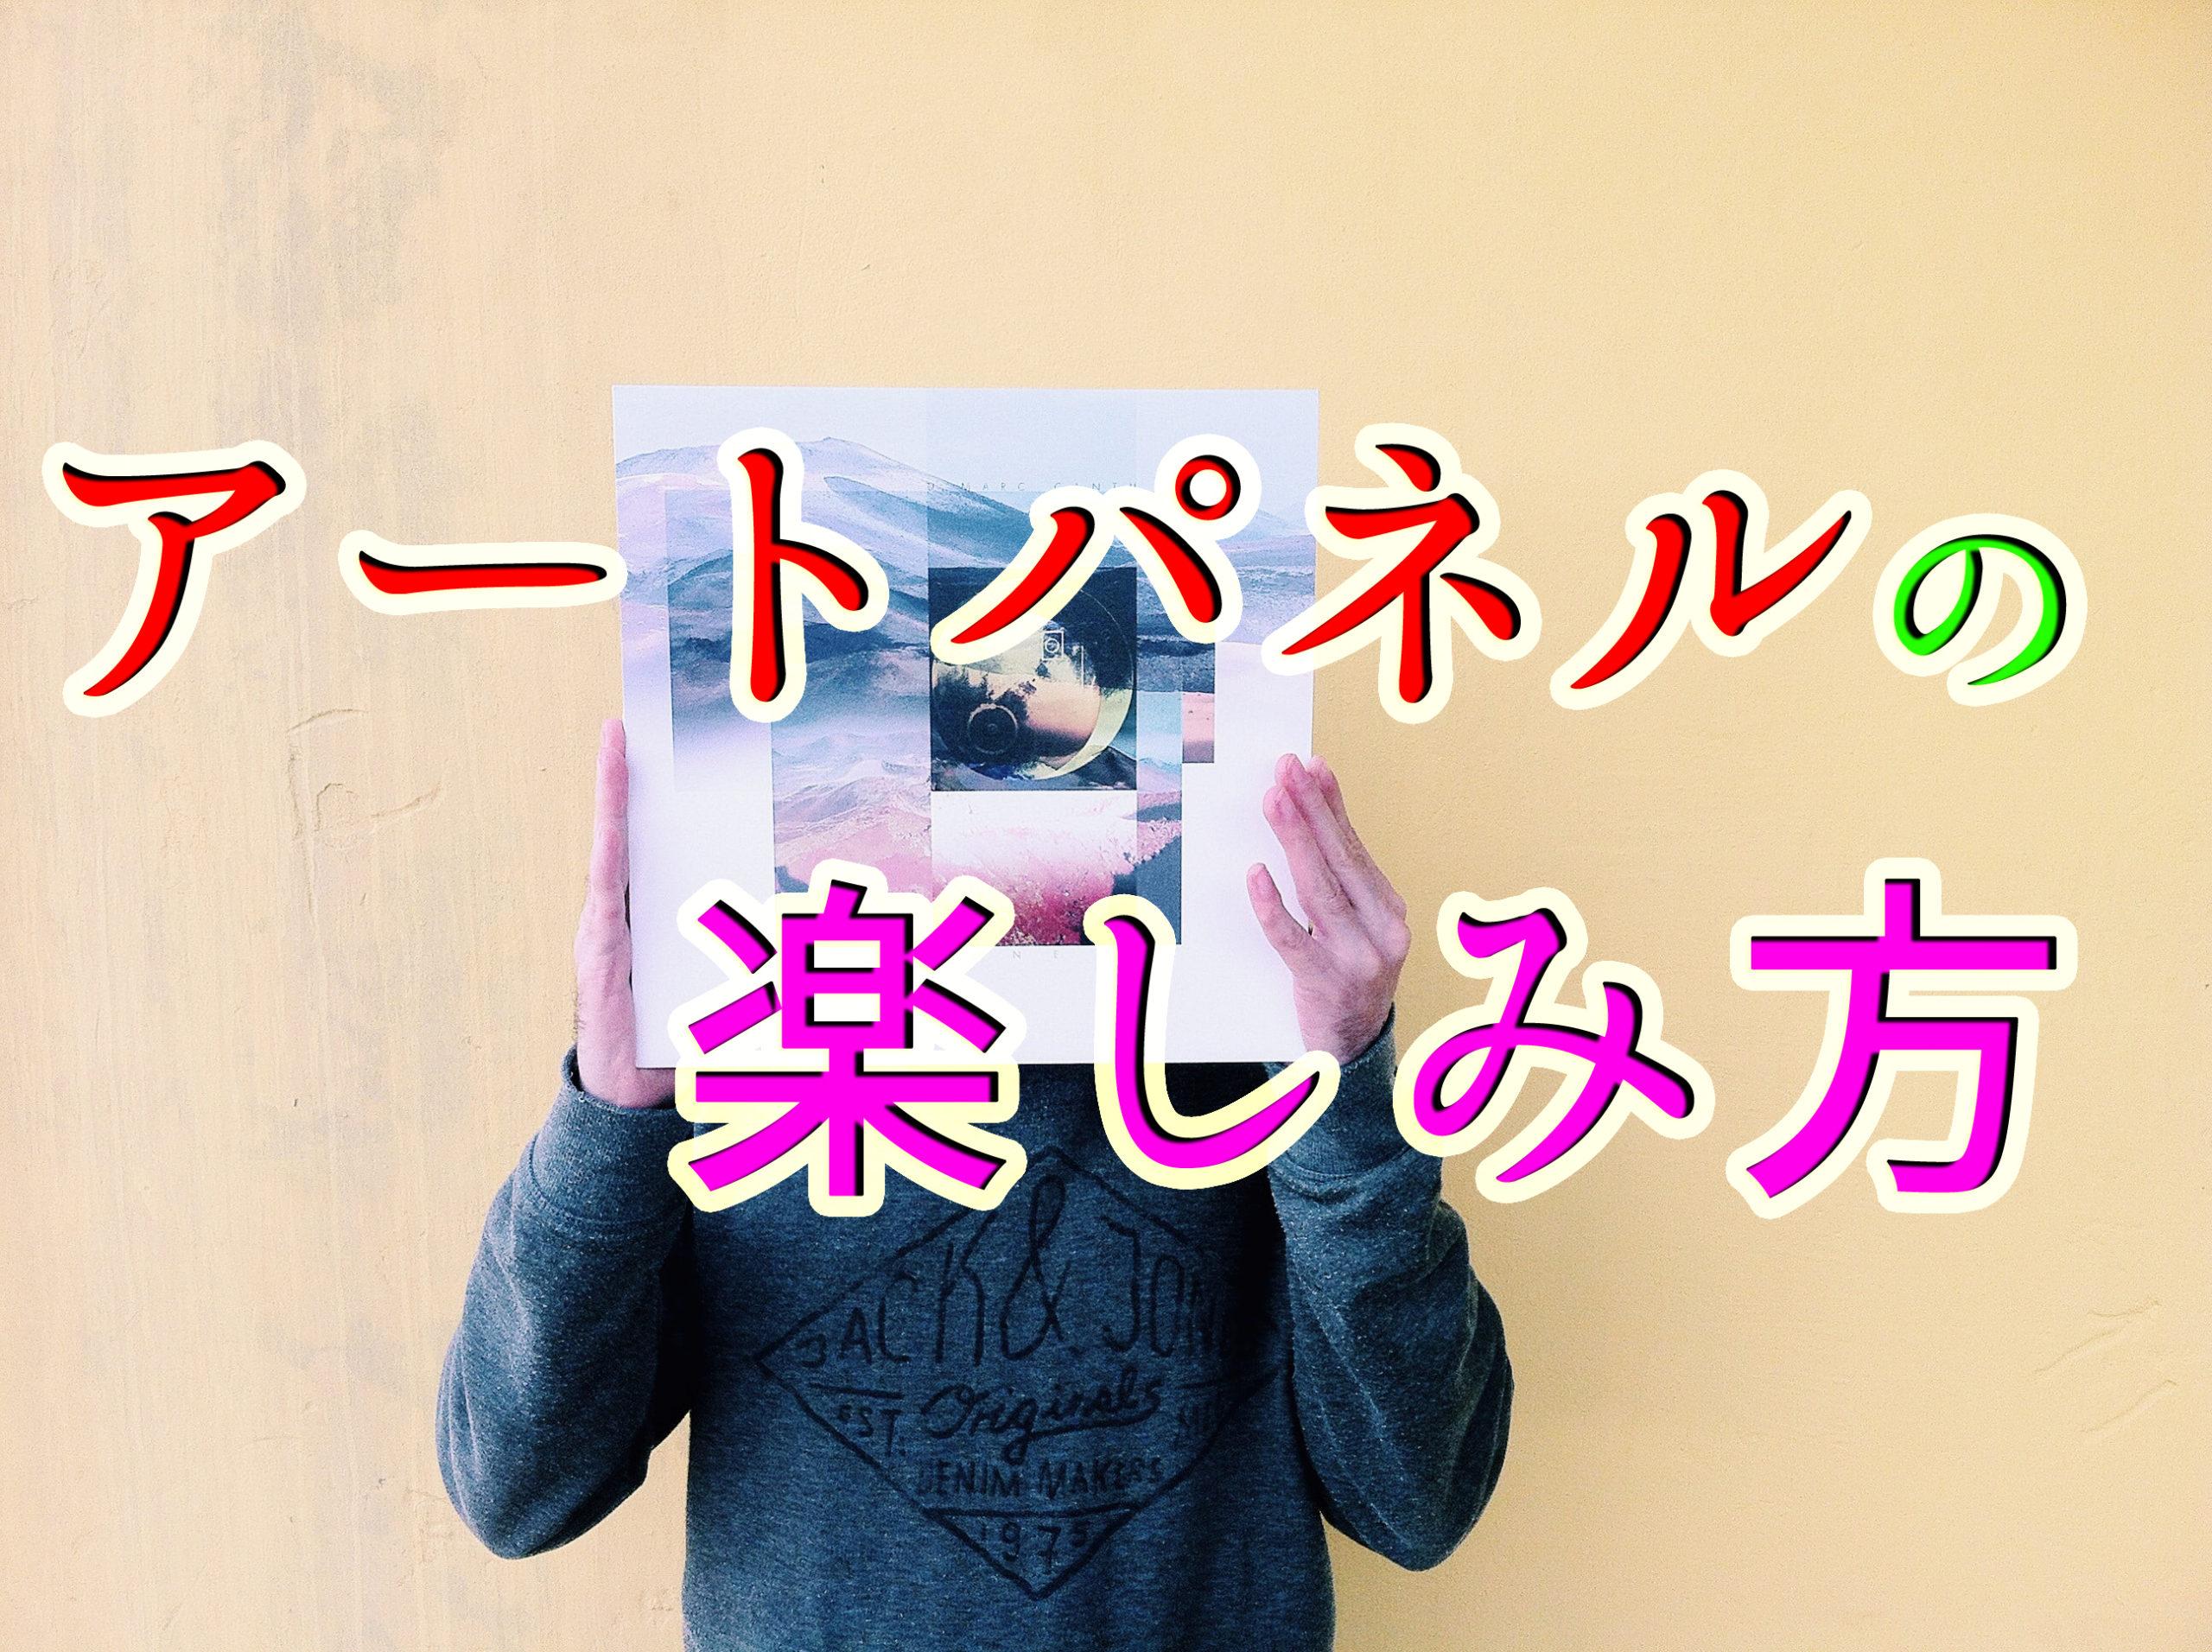 アートパネルの楽しみ方【ジャンルに合わせて選べる置き型絵画インテリア】